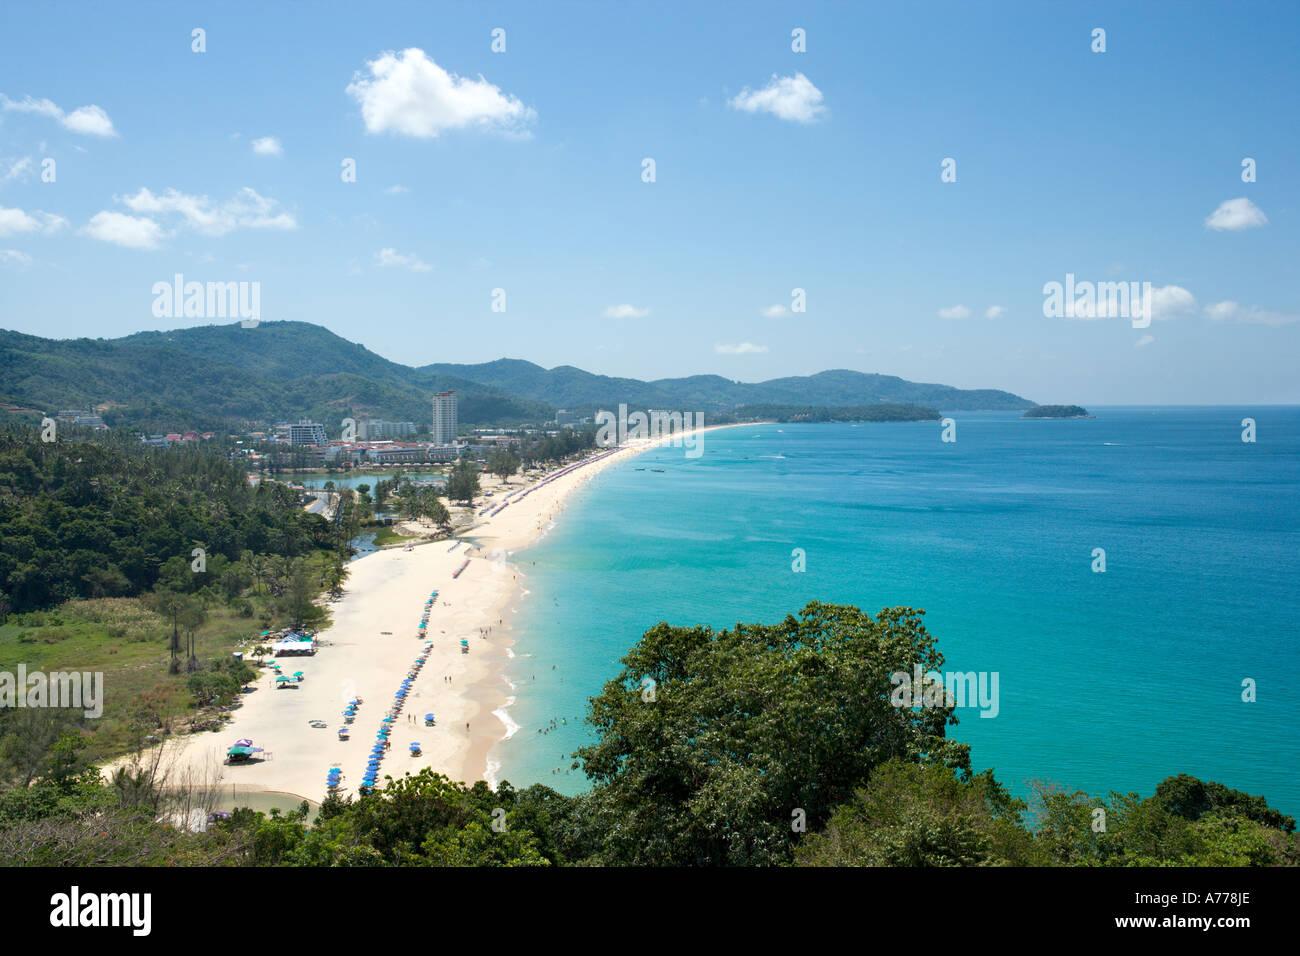 View over Karon Beach, Phuket, Thailand - Stock Image